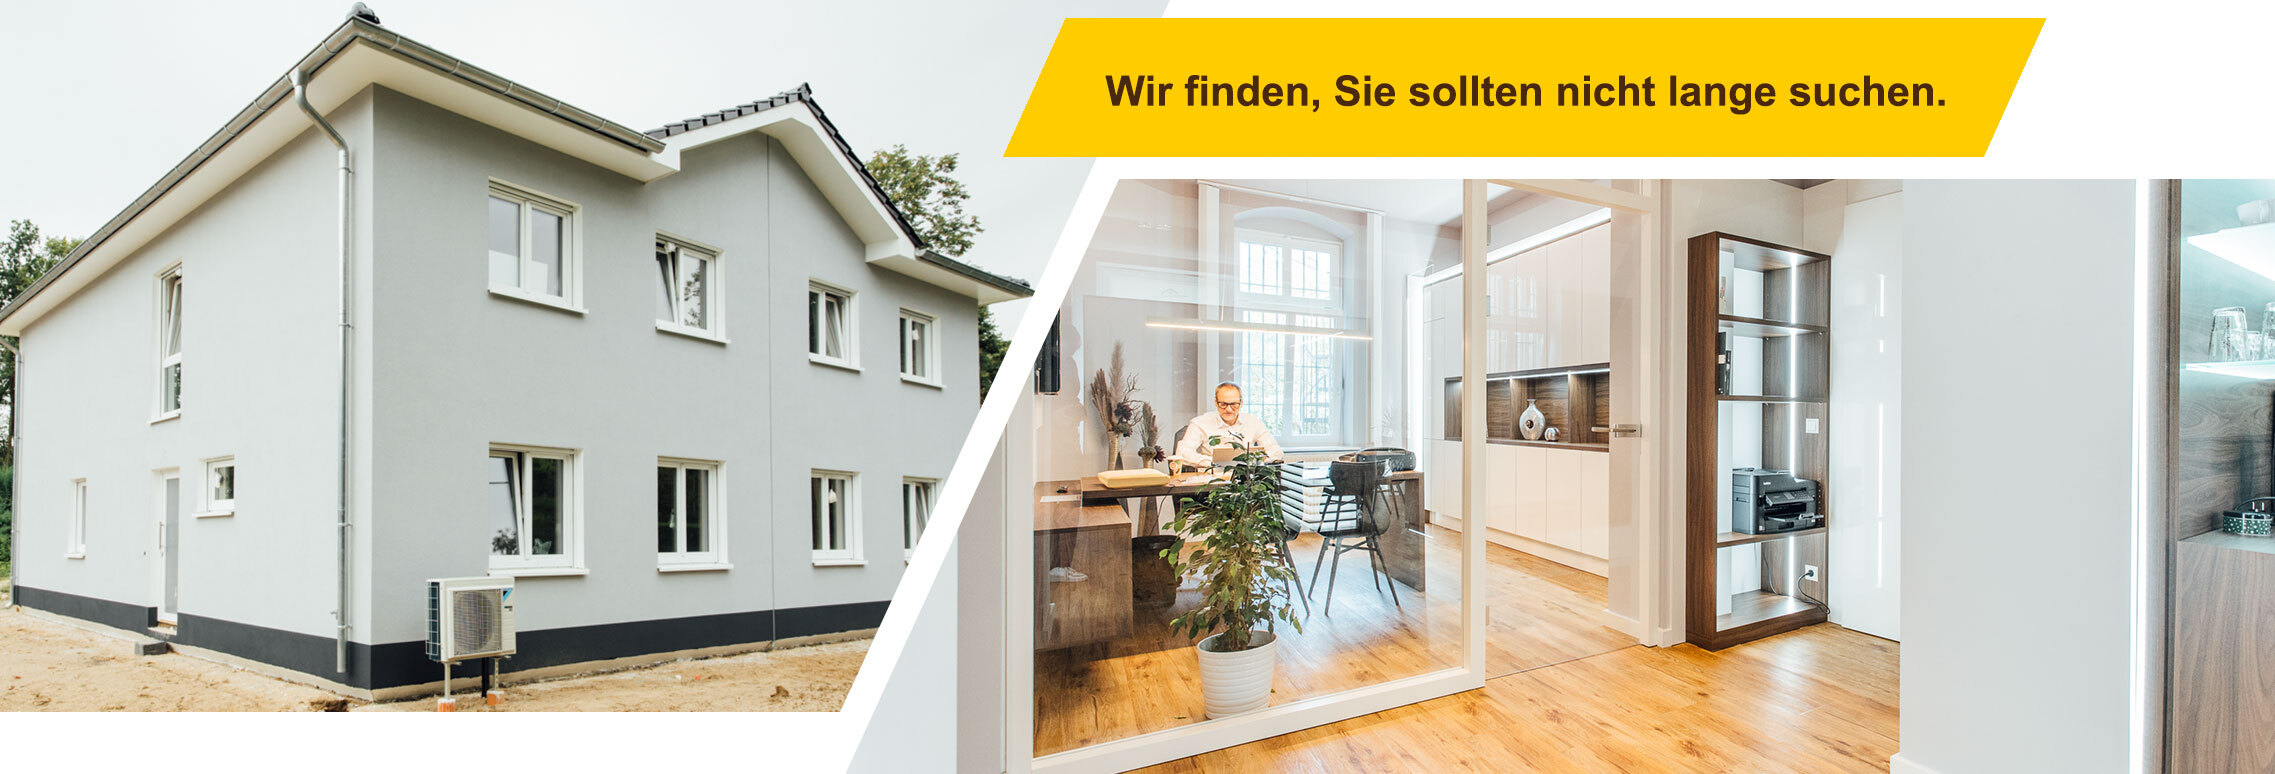 Wir finden, Sie sollten nicht lange suchen. | BRALE Bau GmbH